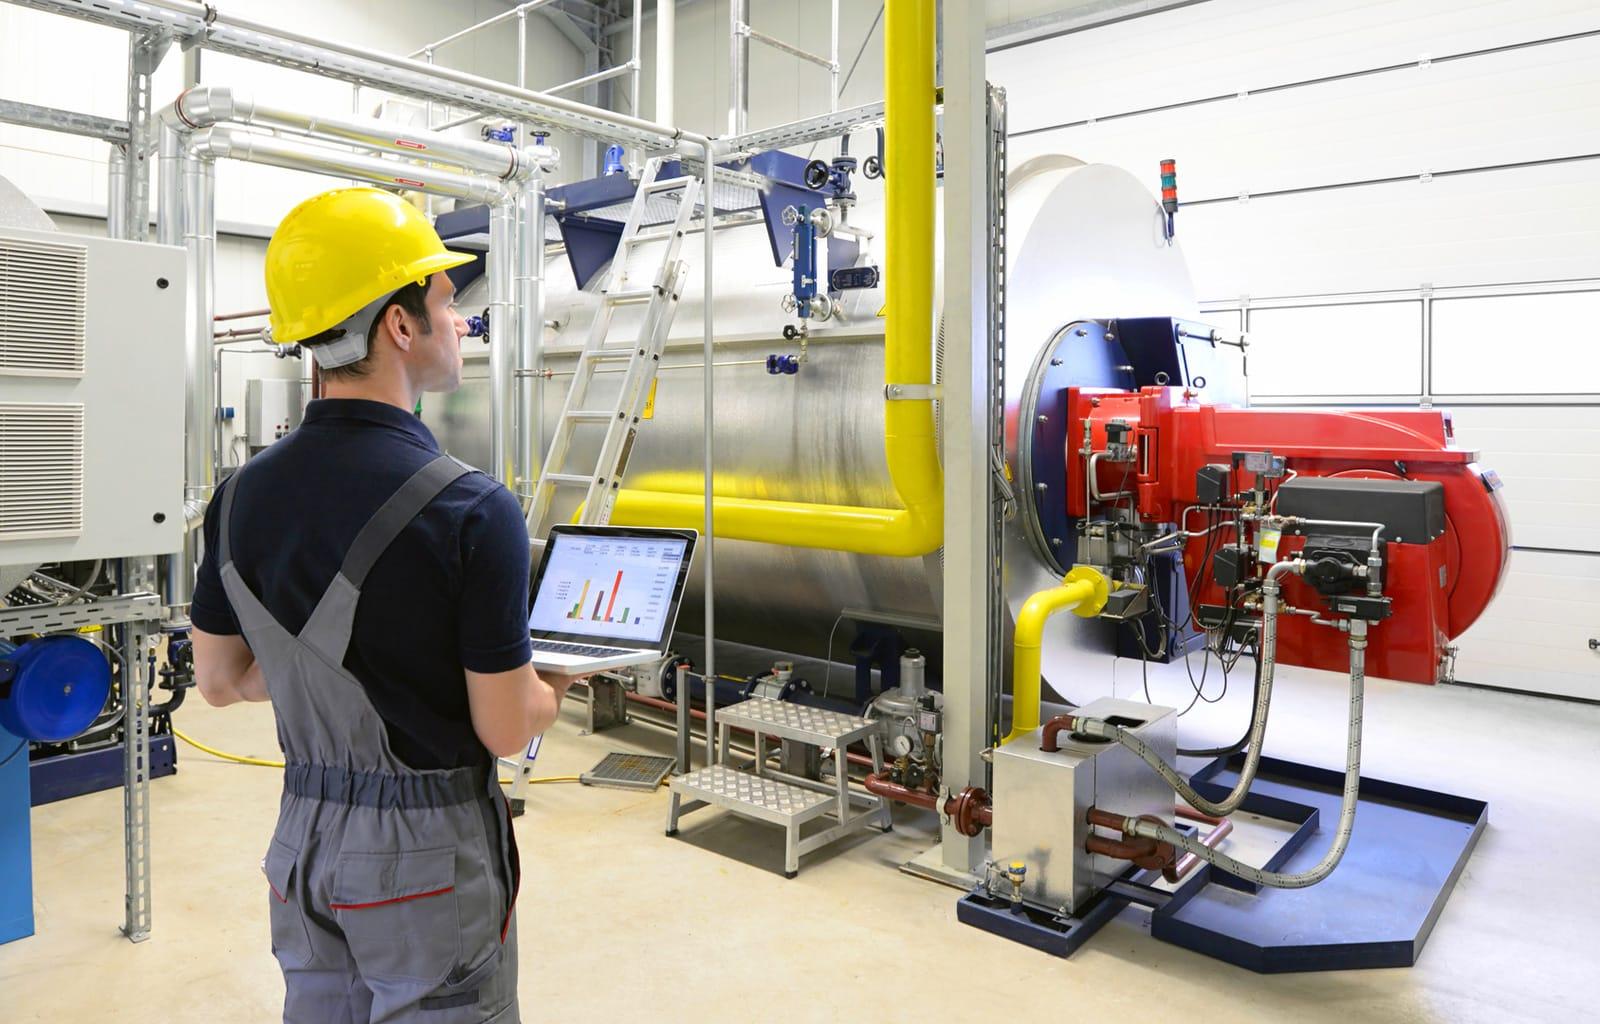 Maschinenbauingenieur prüft Anlage